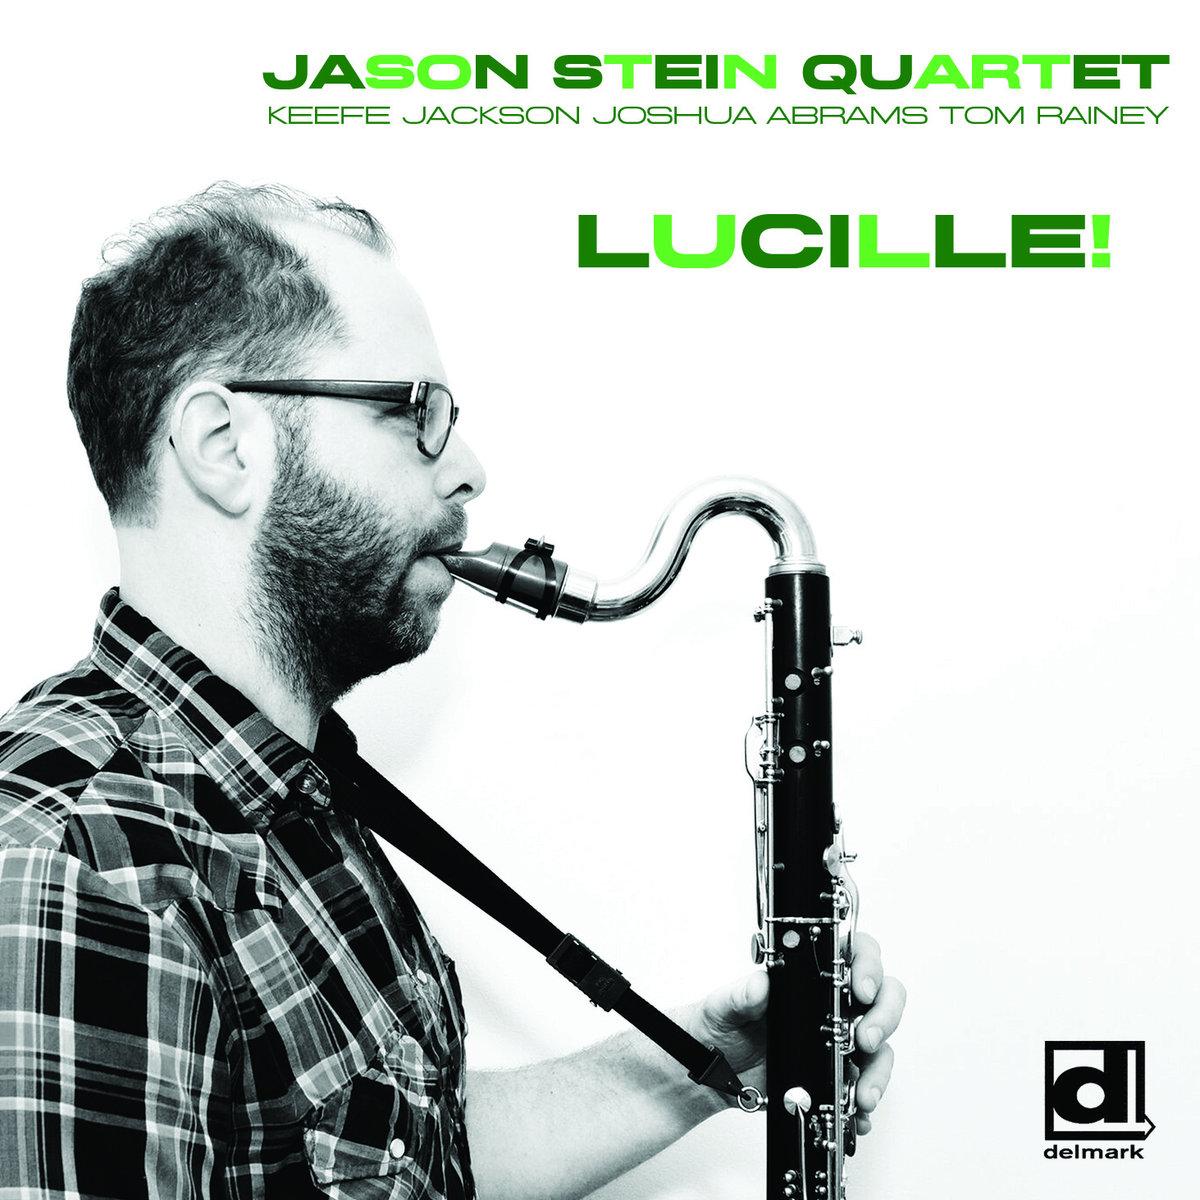 ALBUM: Lucille! - Label: delmark recordsRelease date: 2017Jason stein (bass clarinet)keefe jackson (tenor saxophone)josh abrams (bass)tom rainey (drums)